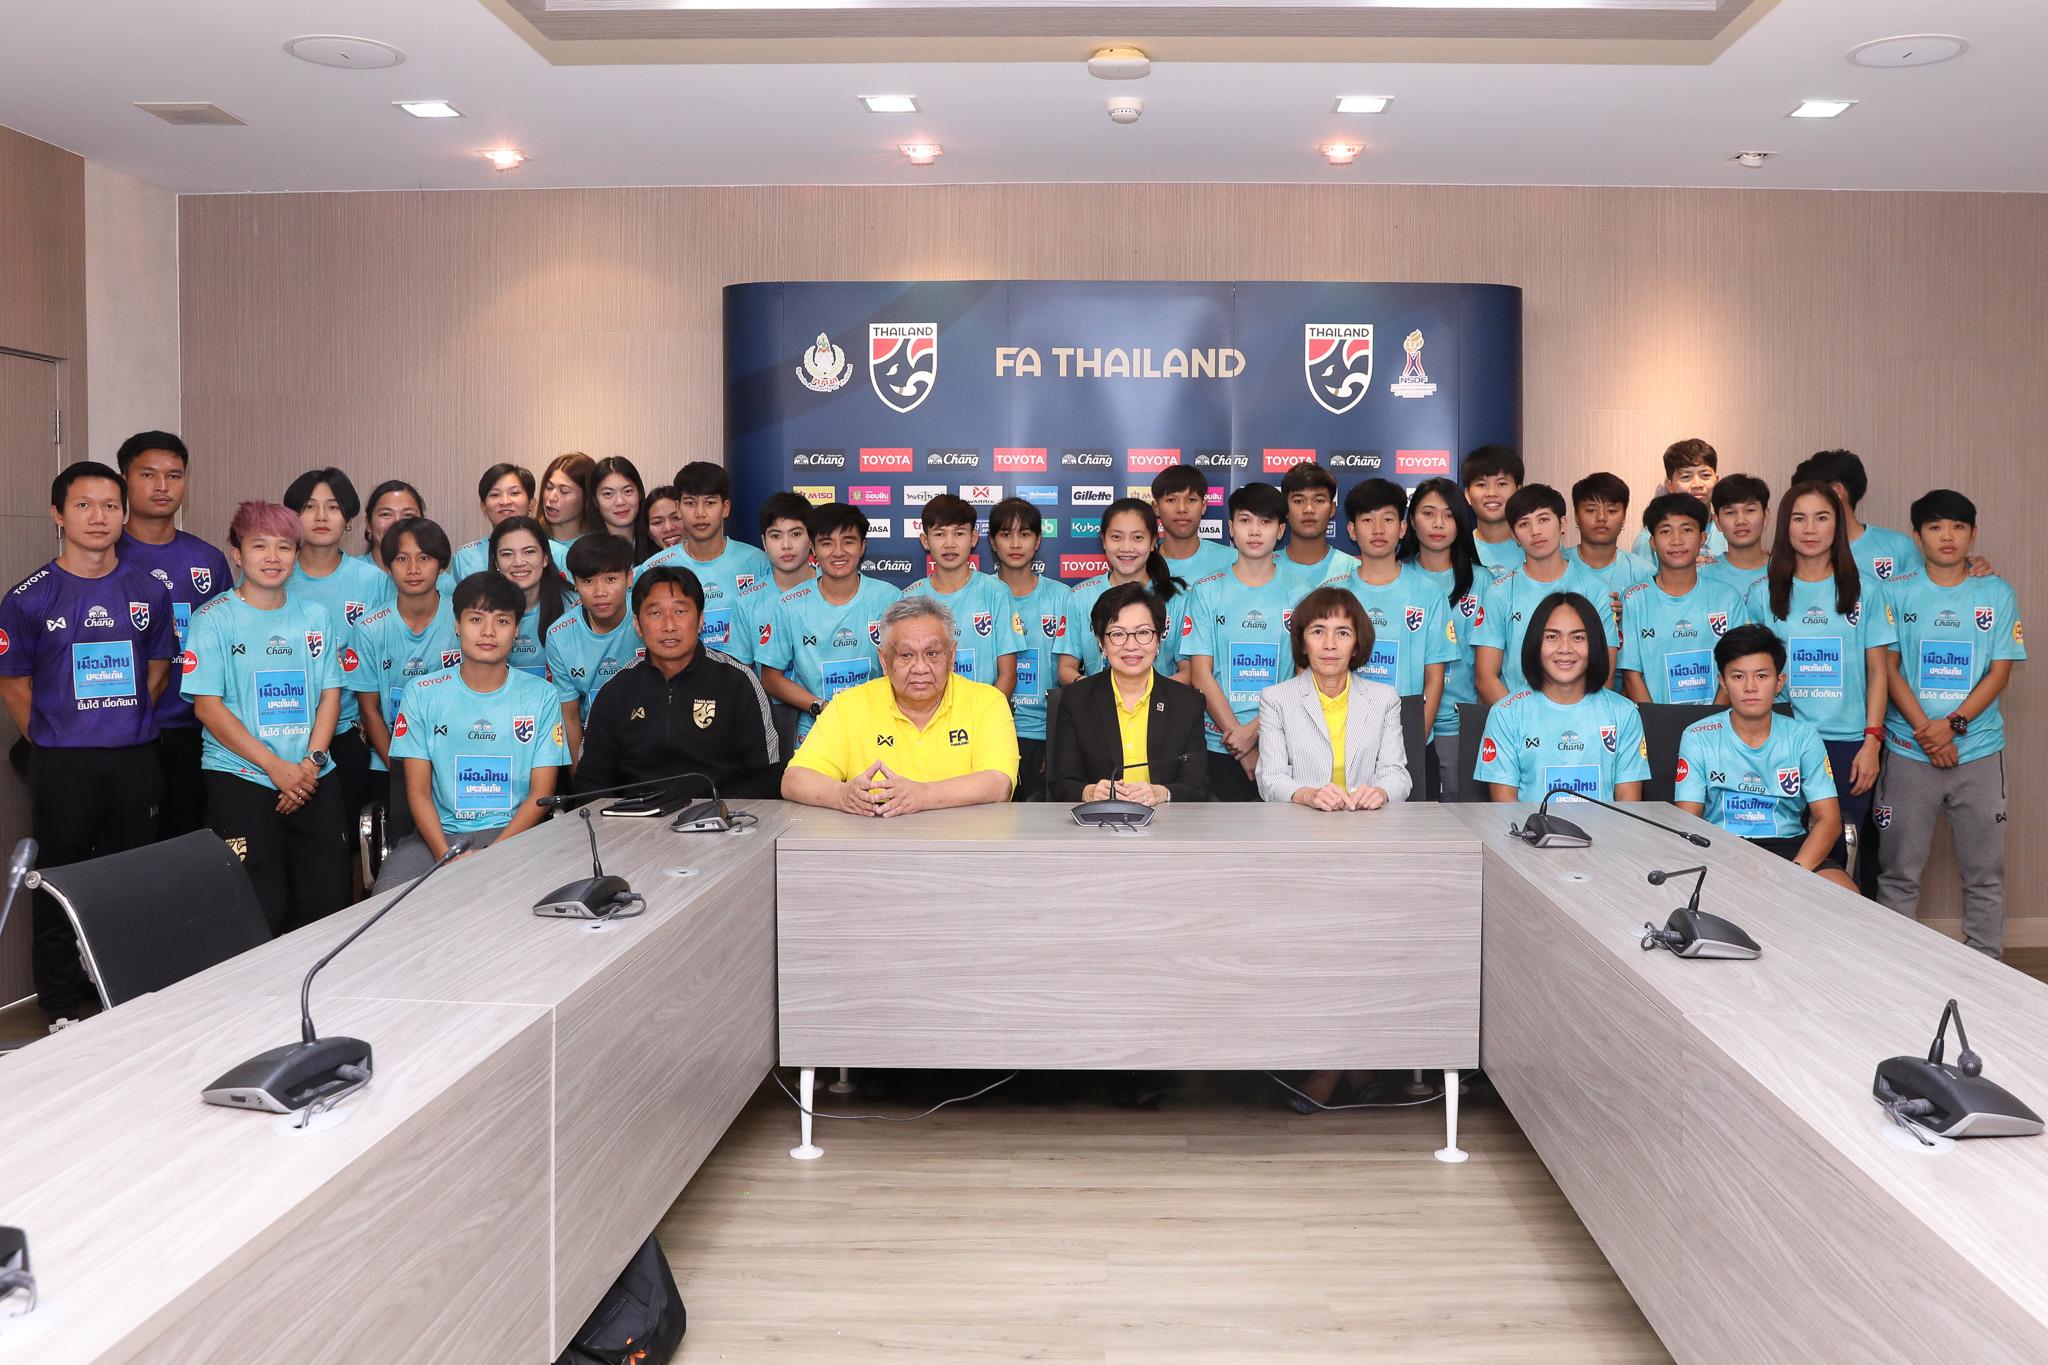 นฤพล แก่นสน ฟุตบอลหญิงทีมชาติไทย ศิริมา พานิชชีวะ